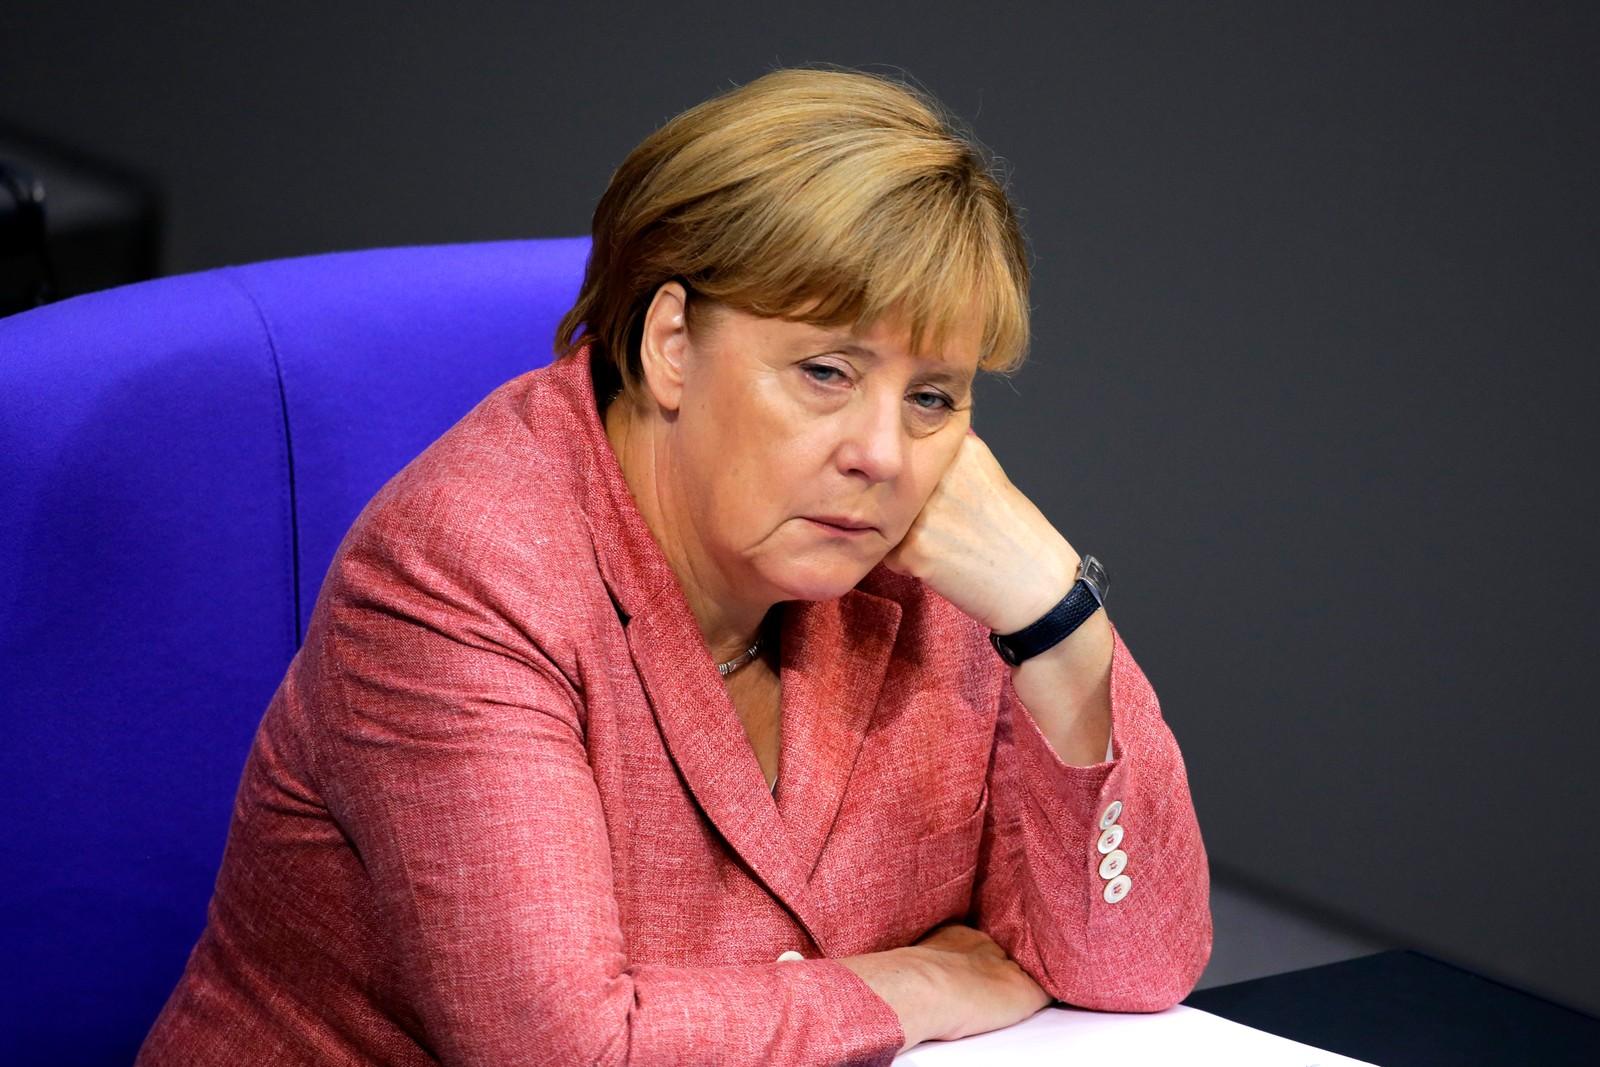 Politikk er ikke alltid så veldig spennende. Særlig ikke budsjettforhandlinger. Her er Tysklands forbundskansler Angela Merkel i Riksdagsbygningen i Berlin den 6. september, men det kan hende hun ønsket at hun var et helt annet sted.